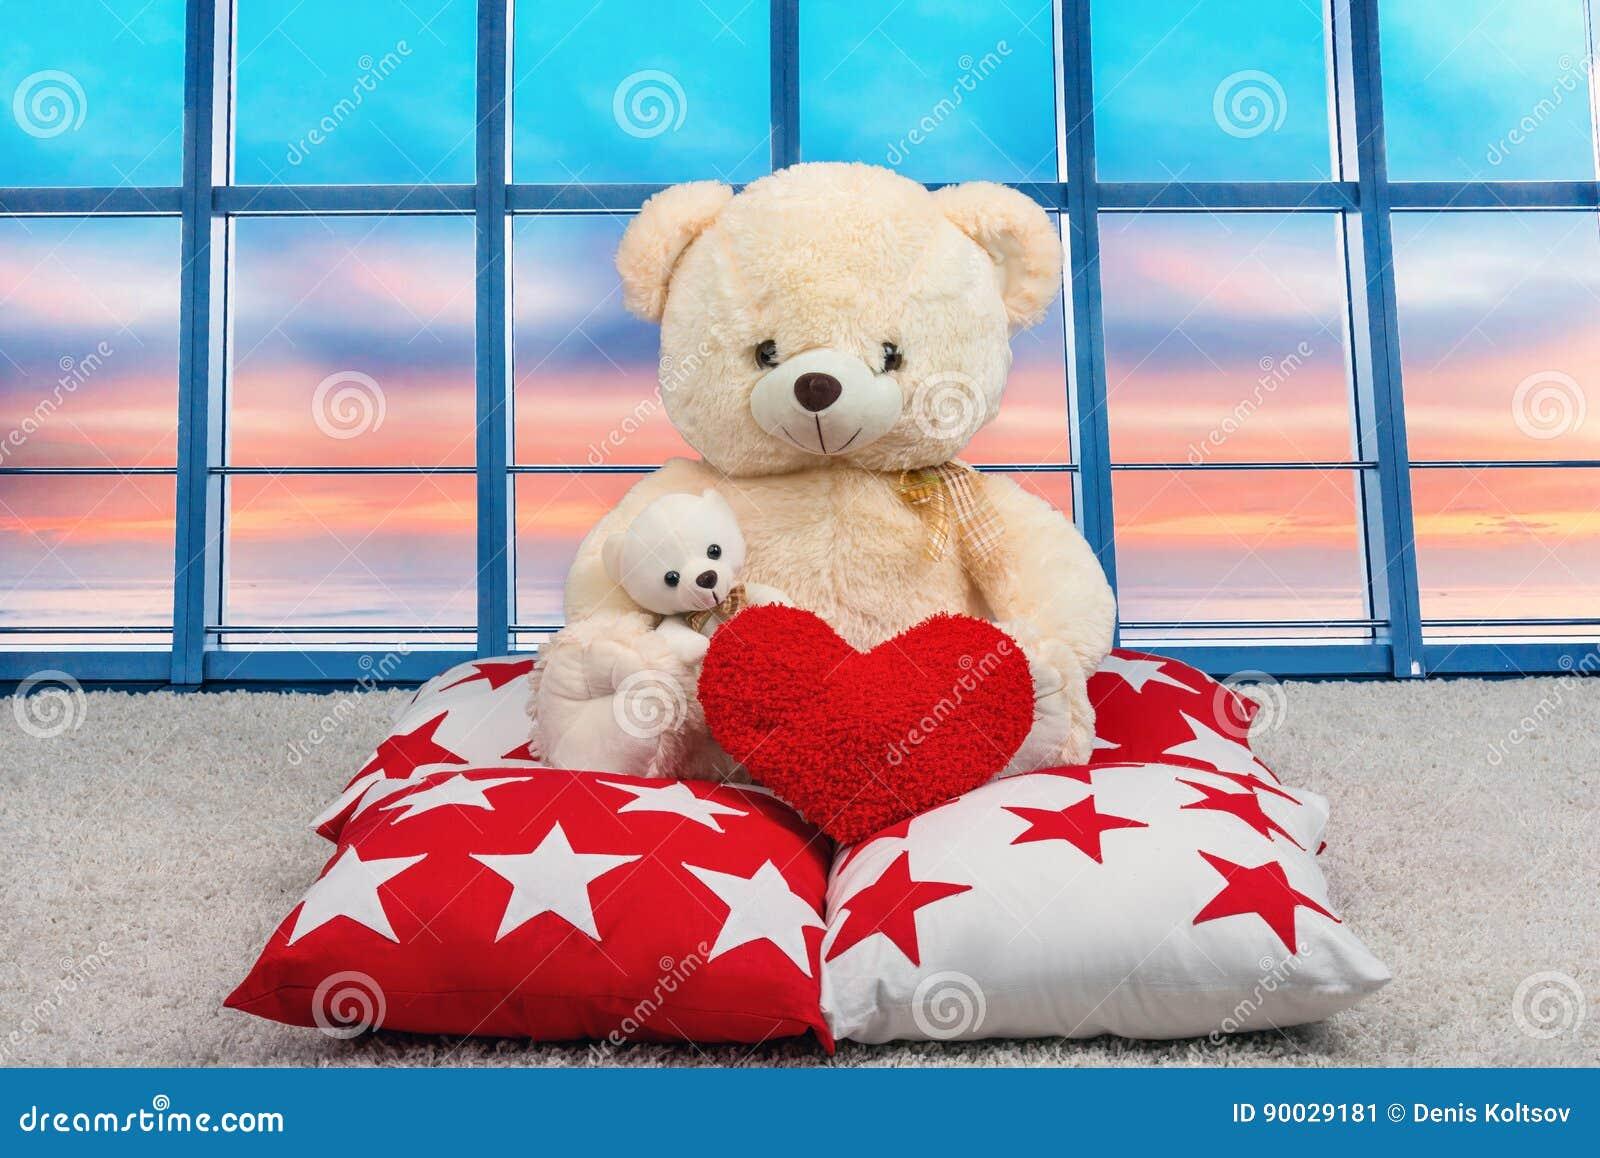 https://thumbs.dreamstime.com/z/ours-de-nounours-mol-avec-un-coeur-beaux-oreillers-d%C3%A9coratifs-mous-pour-la-d%C3%A9coration-int%C3%A9rieure-dans-la-maison-se-reposer-sur-90029181.jpg